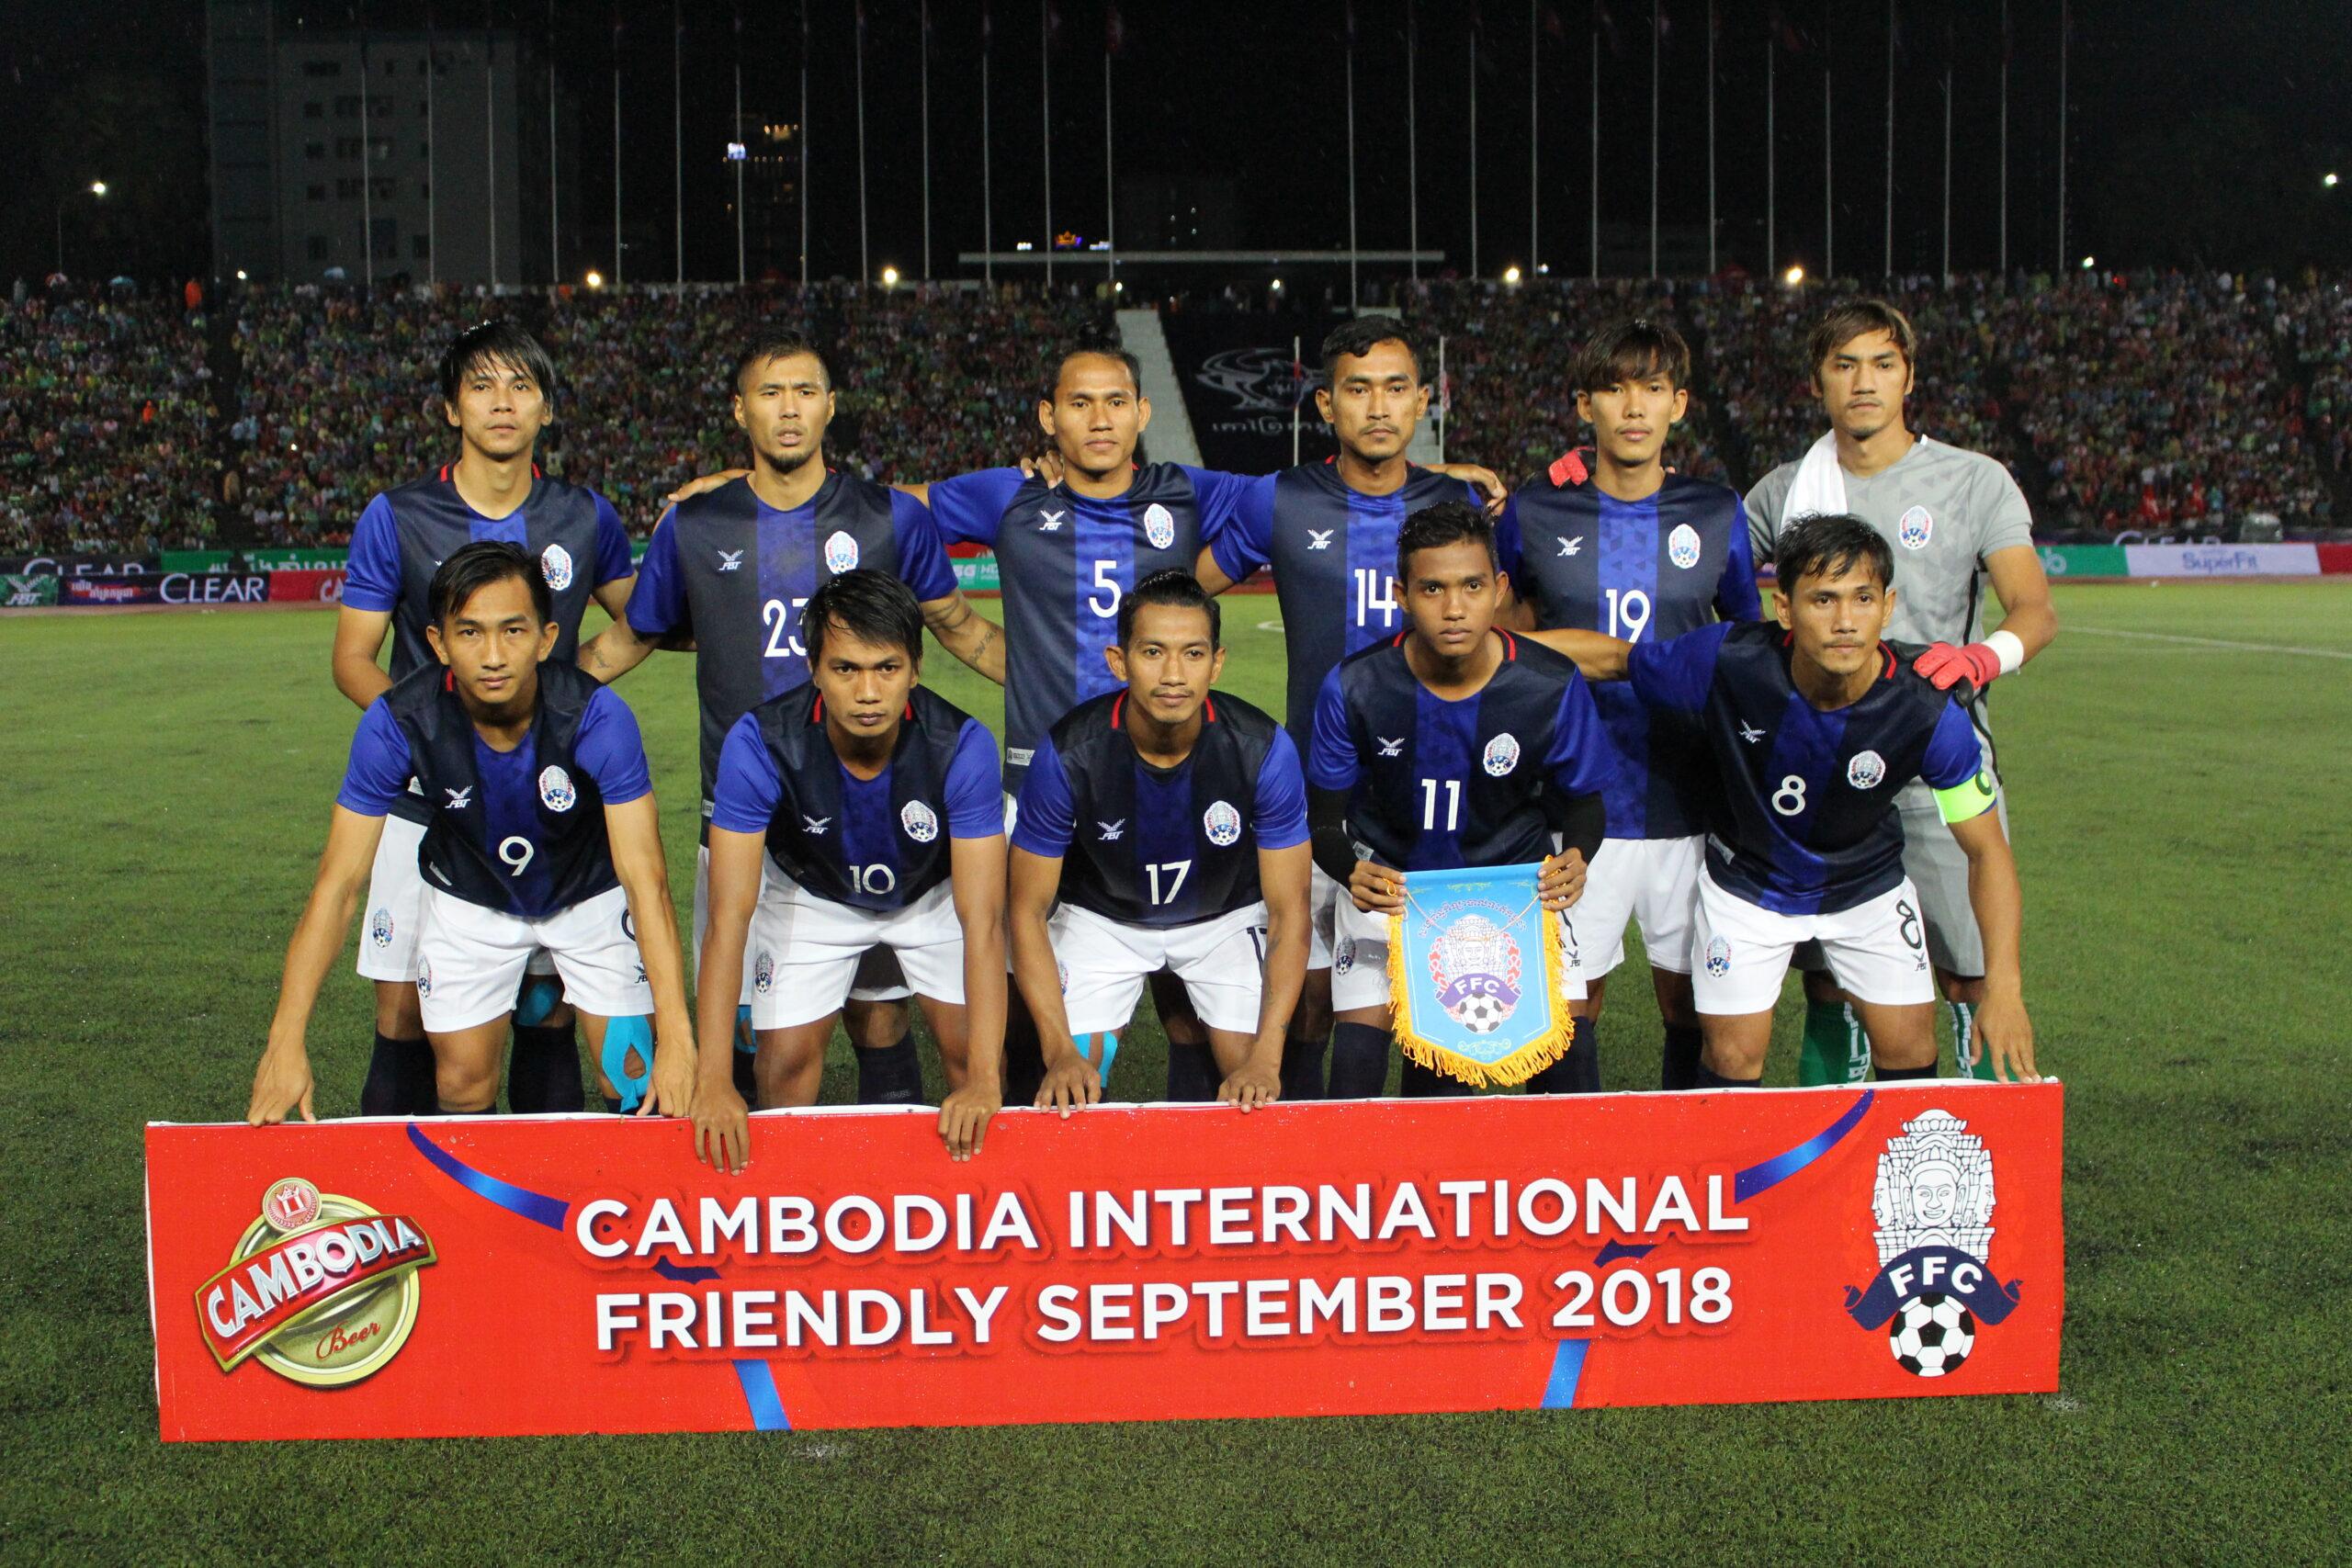 (日本語) サッカーカンボジア代表 試合スケジュール2018